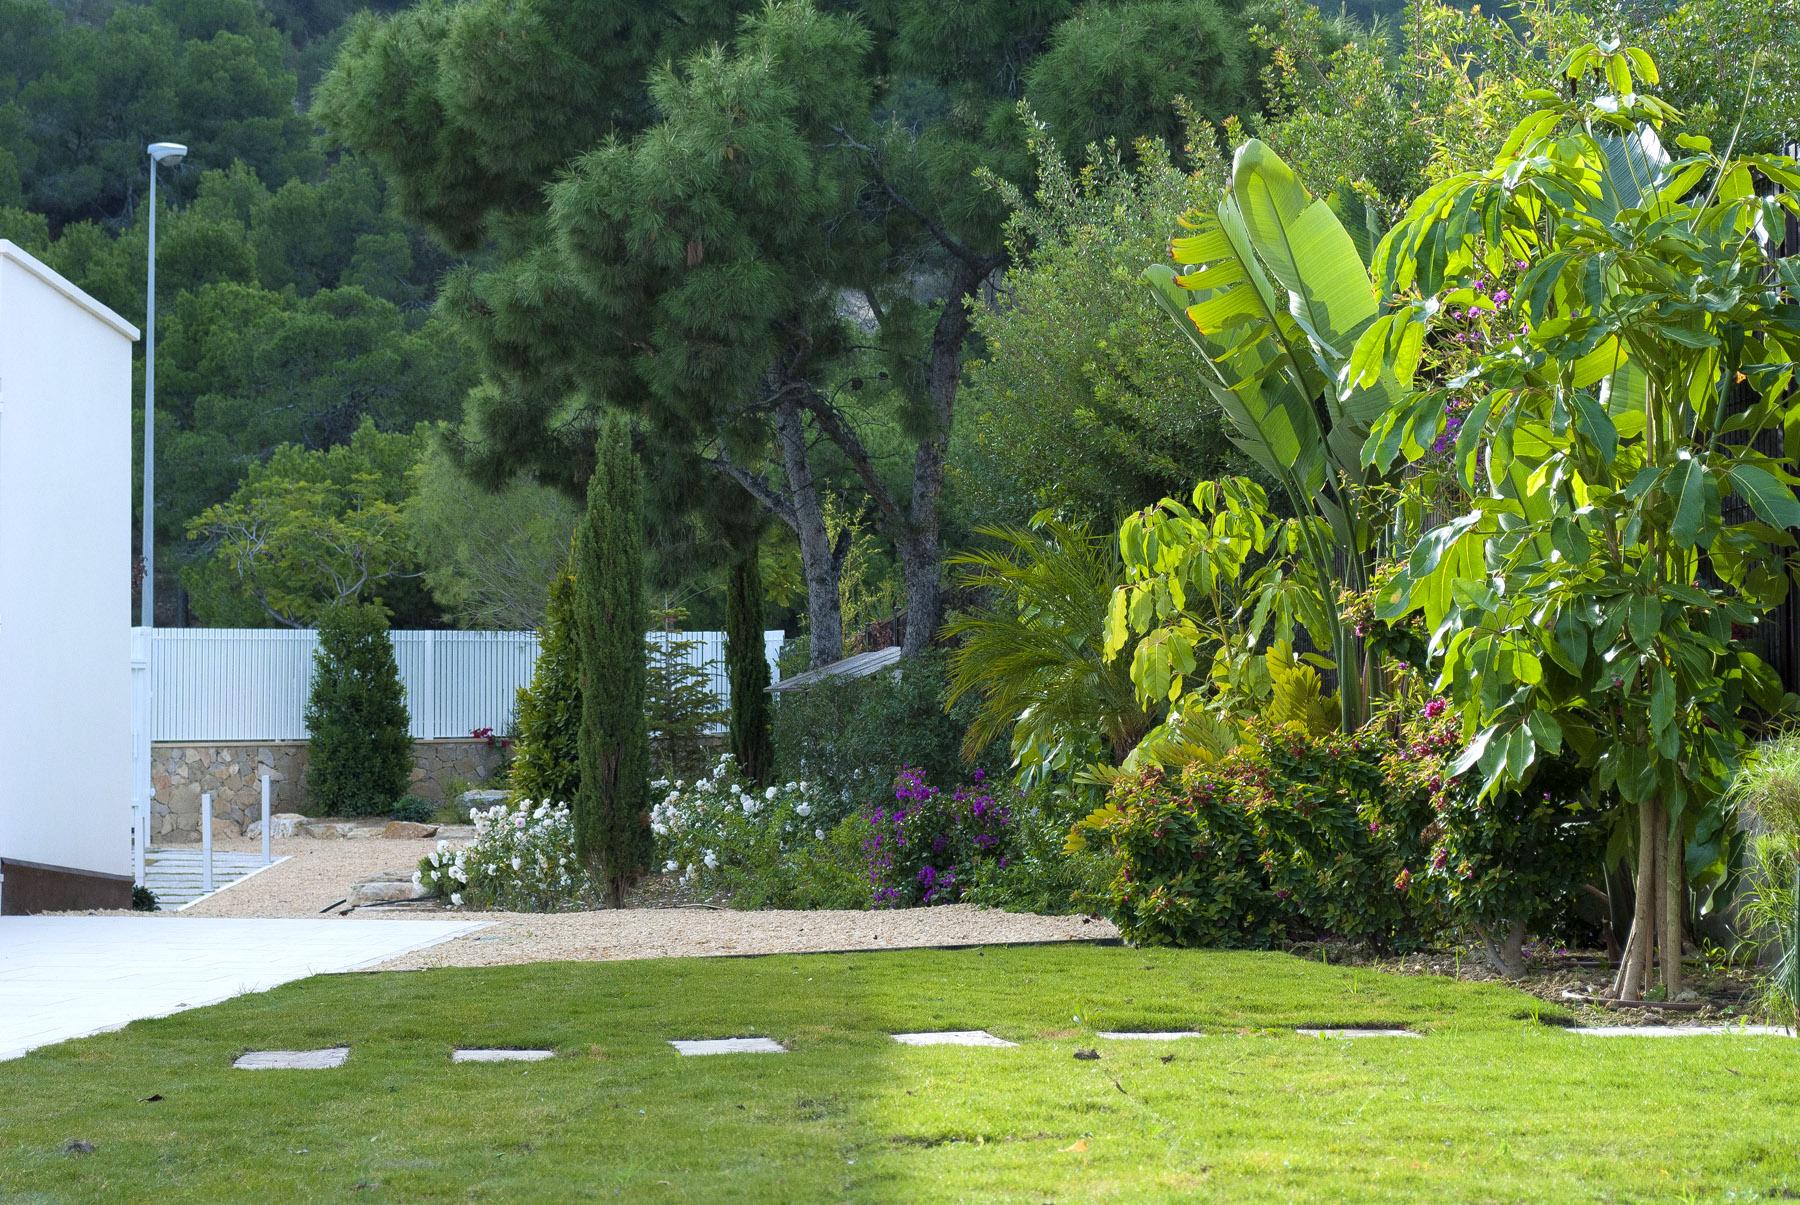 El jard n de laura jard n de matices en villa alicantina for Diseno jardin mediterraneo